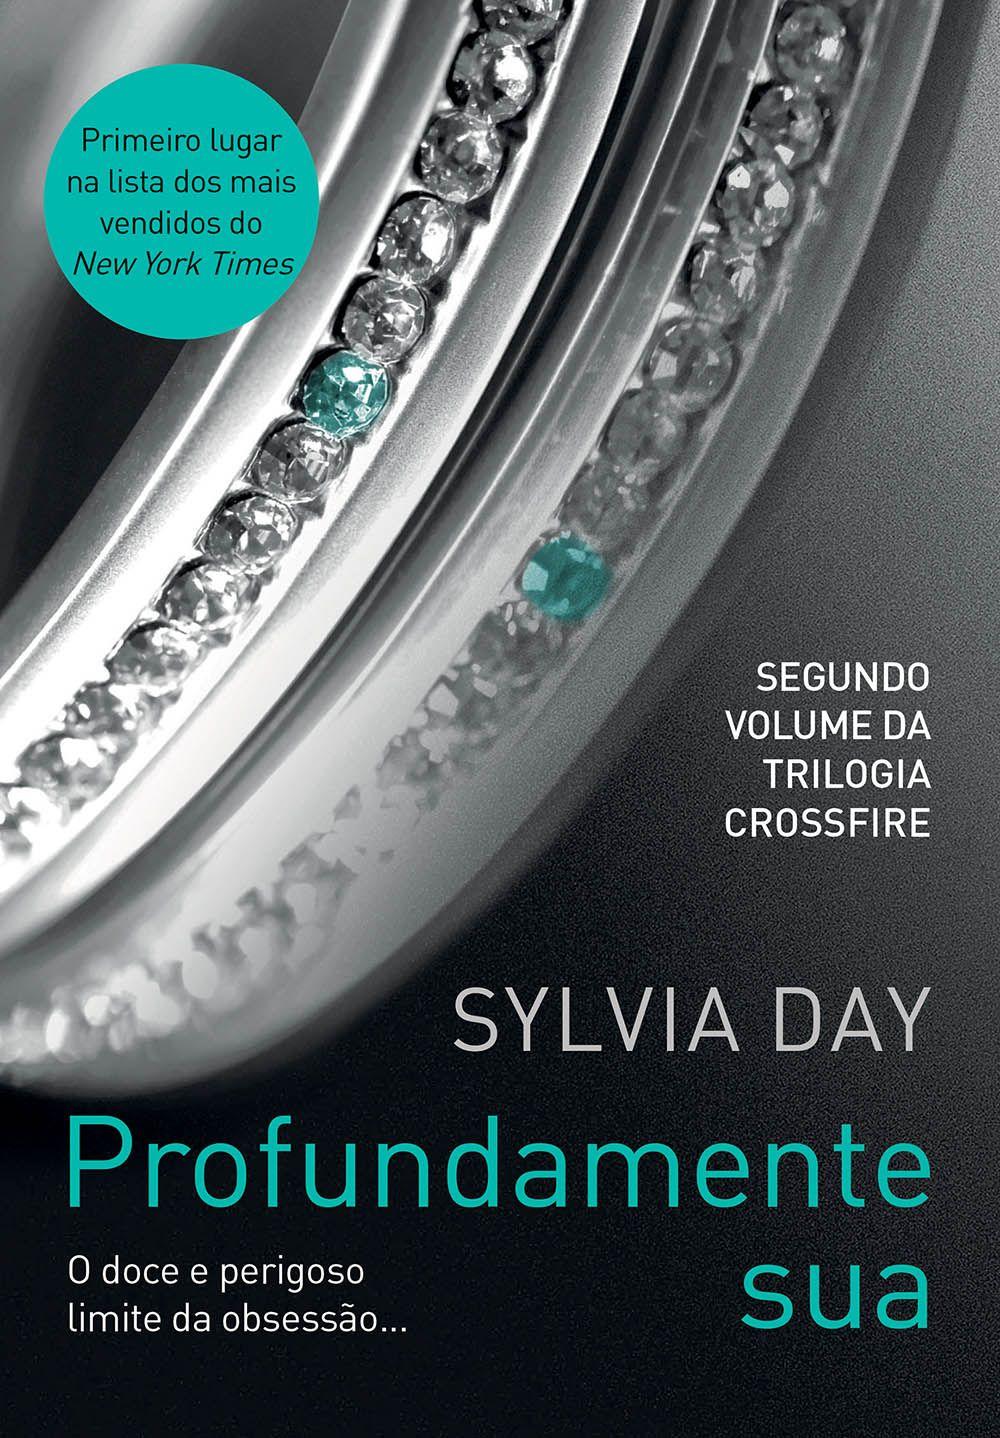 Download Profundamente Sua Crossfire Vol 2 Sylvia Day Em Epub